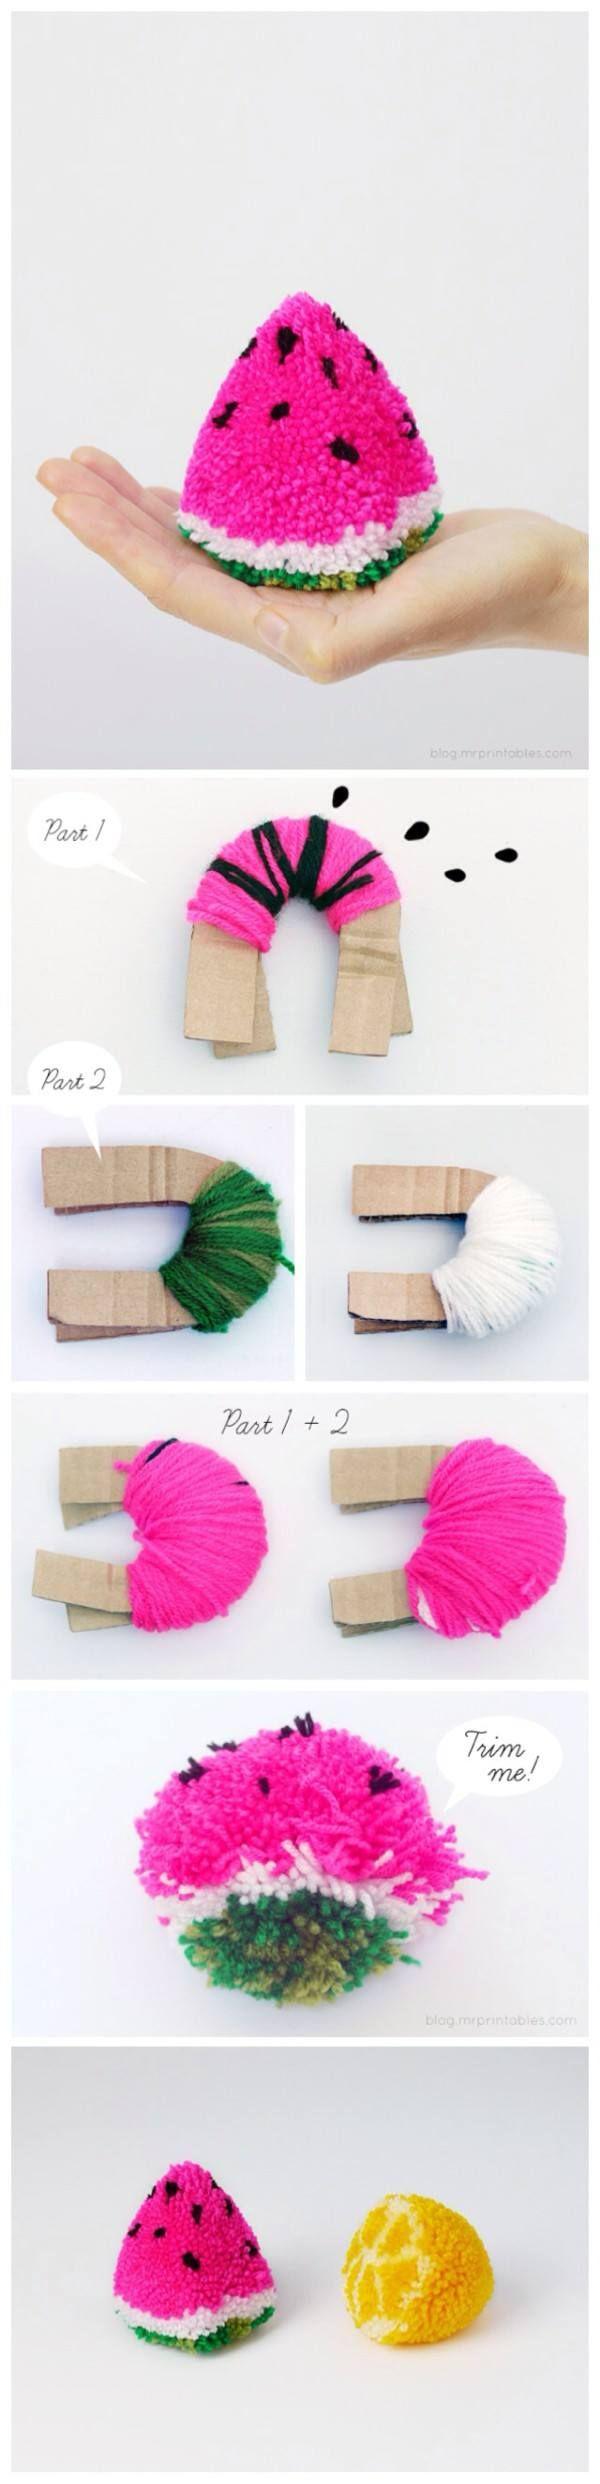 Coole Idee für Kinder, Früchte selber machen für Verkaufsladen. Source: 1001crea.com